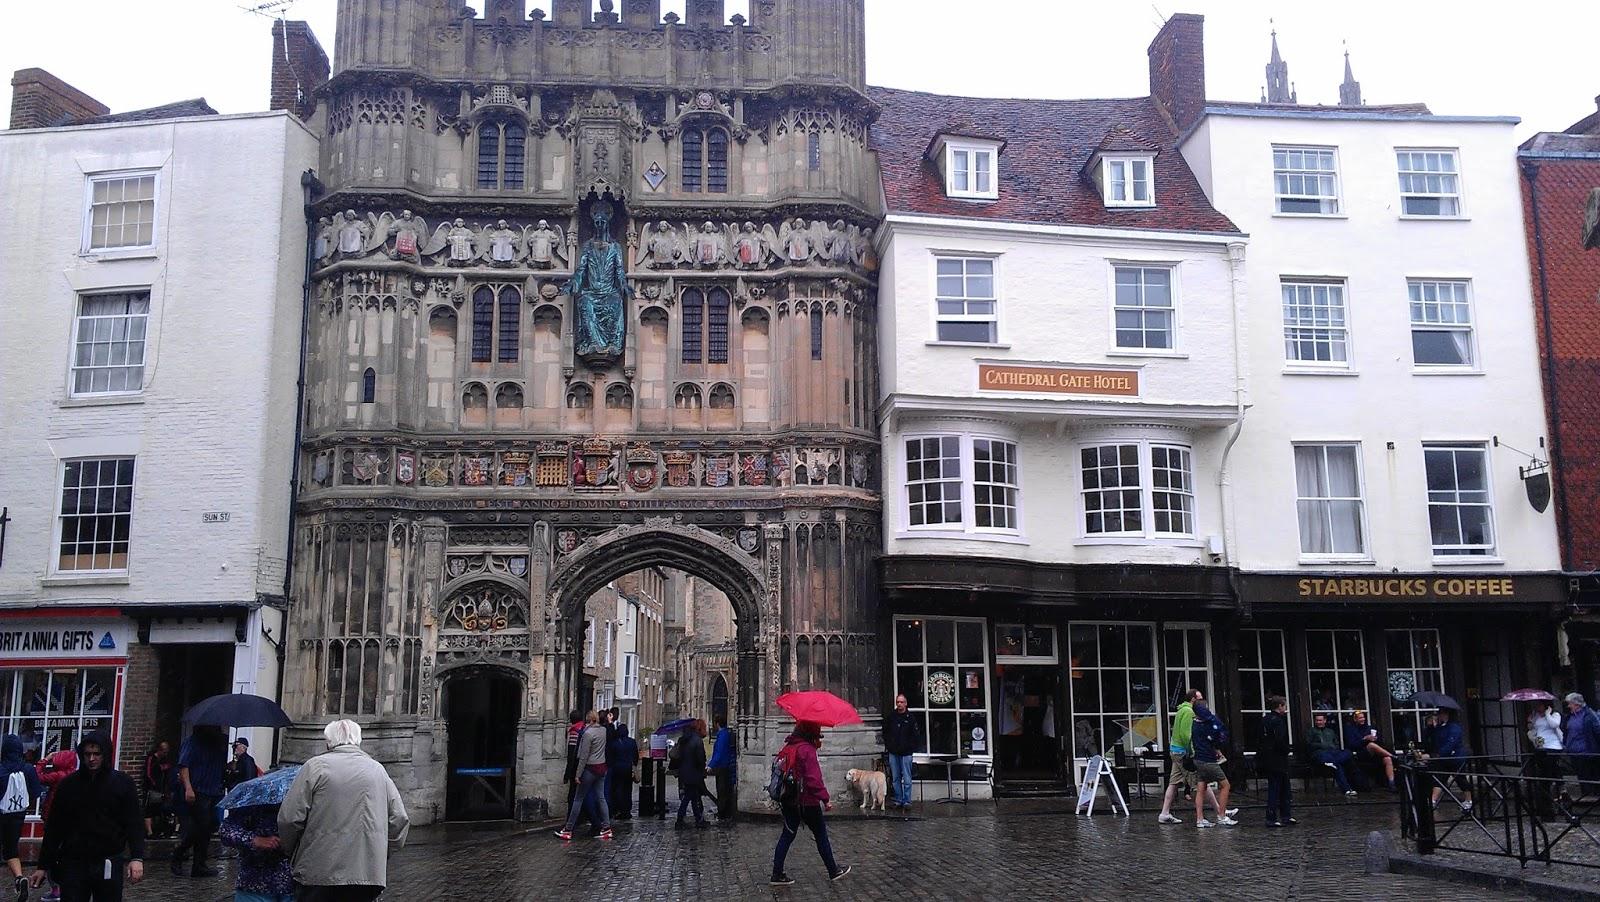 Merry Old England : drawon merry old england ~ Fotosdekora.club Haus und Dekorationen